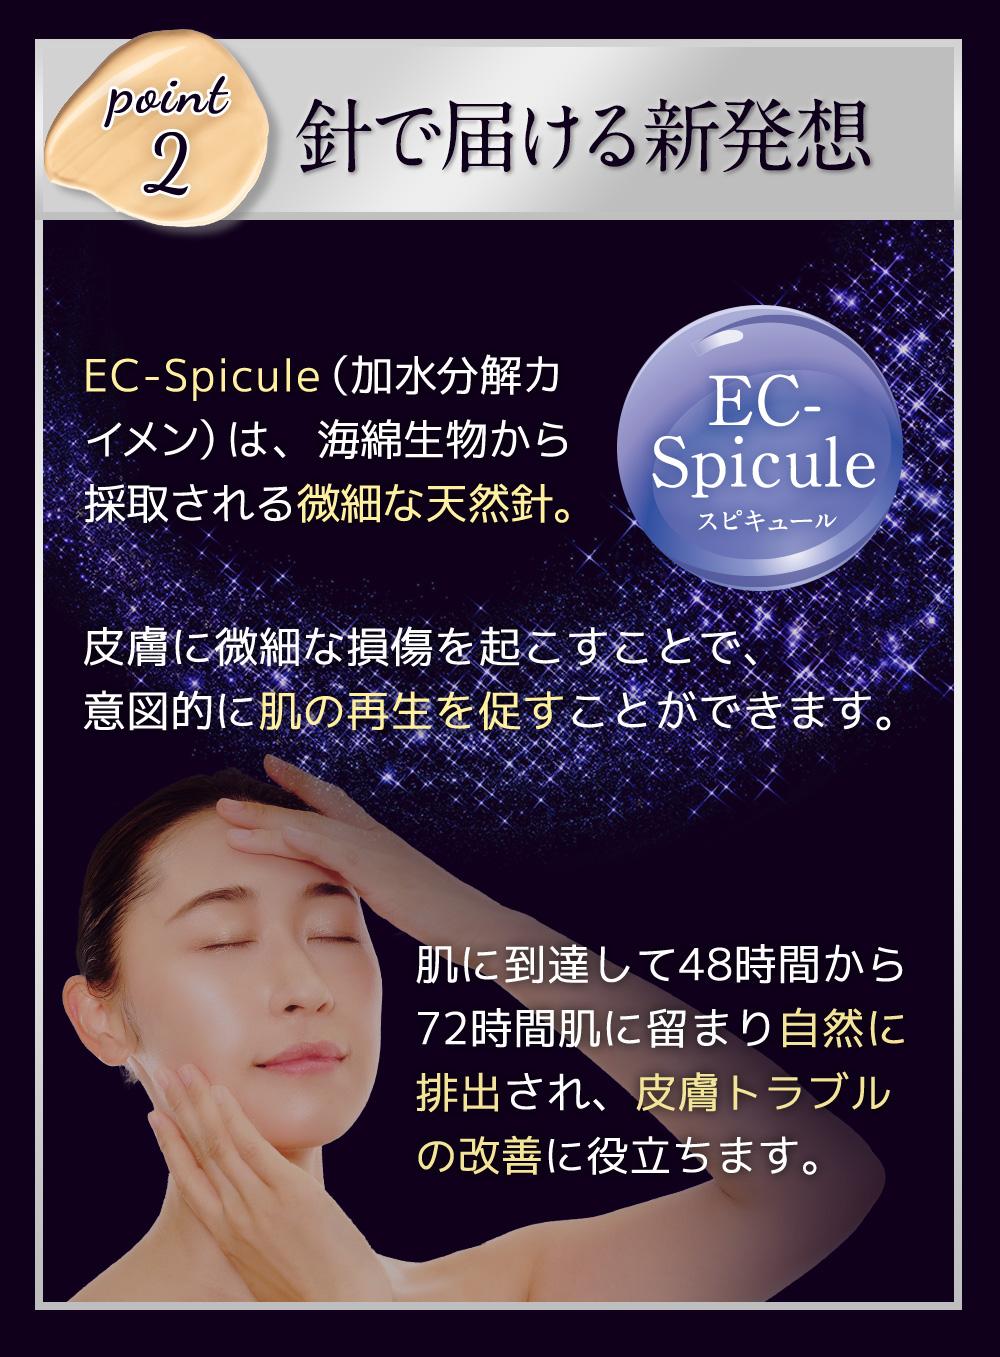 天然針のECスピキュールで肌の再生を促します